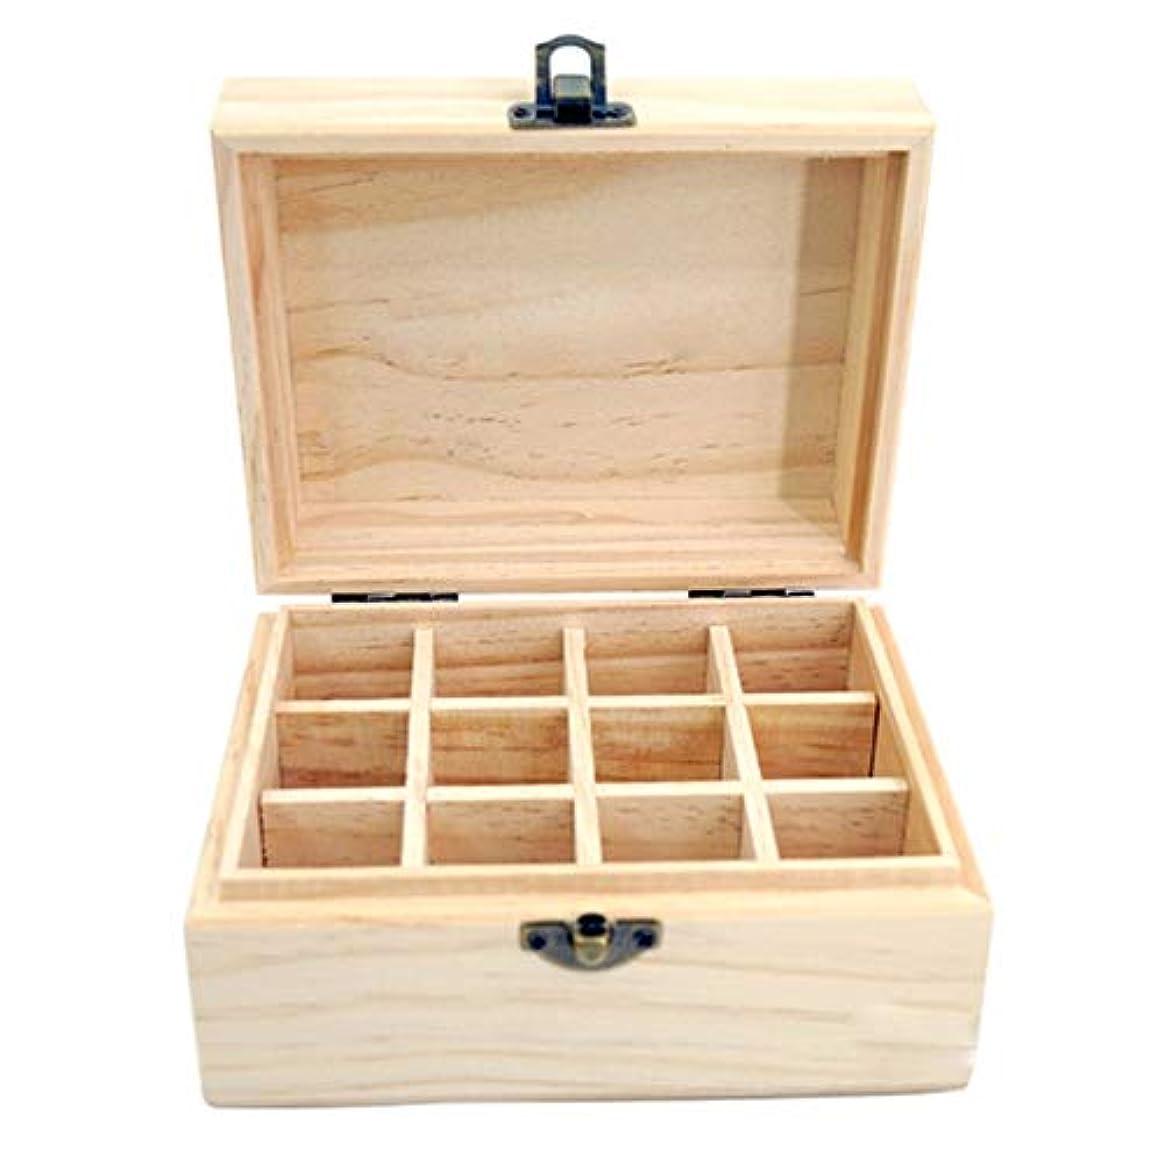 可決くすぐったい会話12スロットエッセンシャルオイル木箱の収納ケースは、あなたの油安全保護さを保つ保護します アロマセラピー製品 (色 : Natural, サイズ : 15X11.5X8CM)